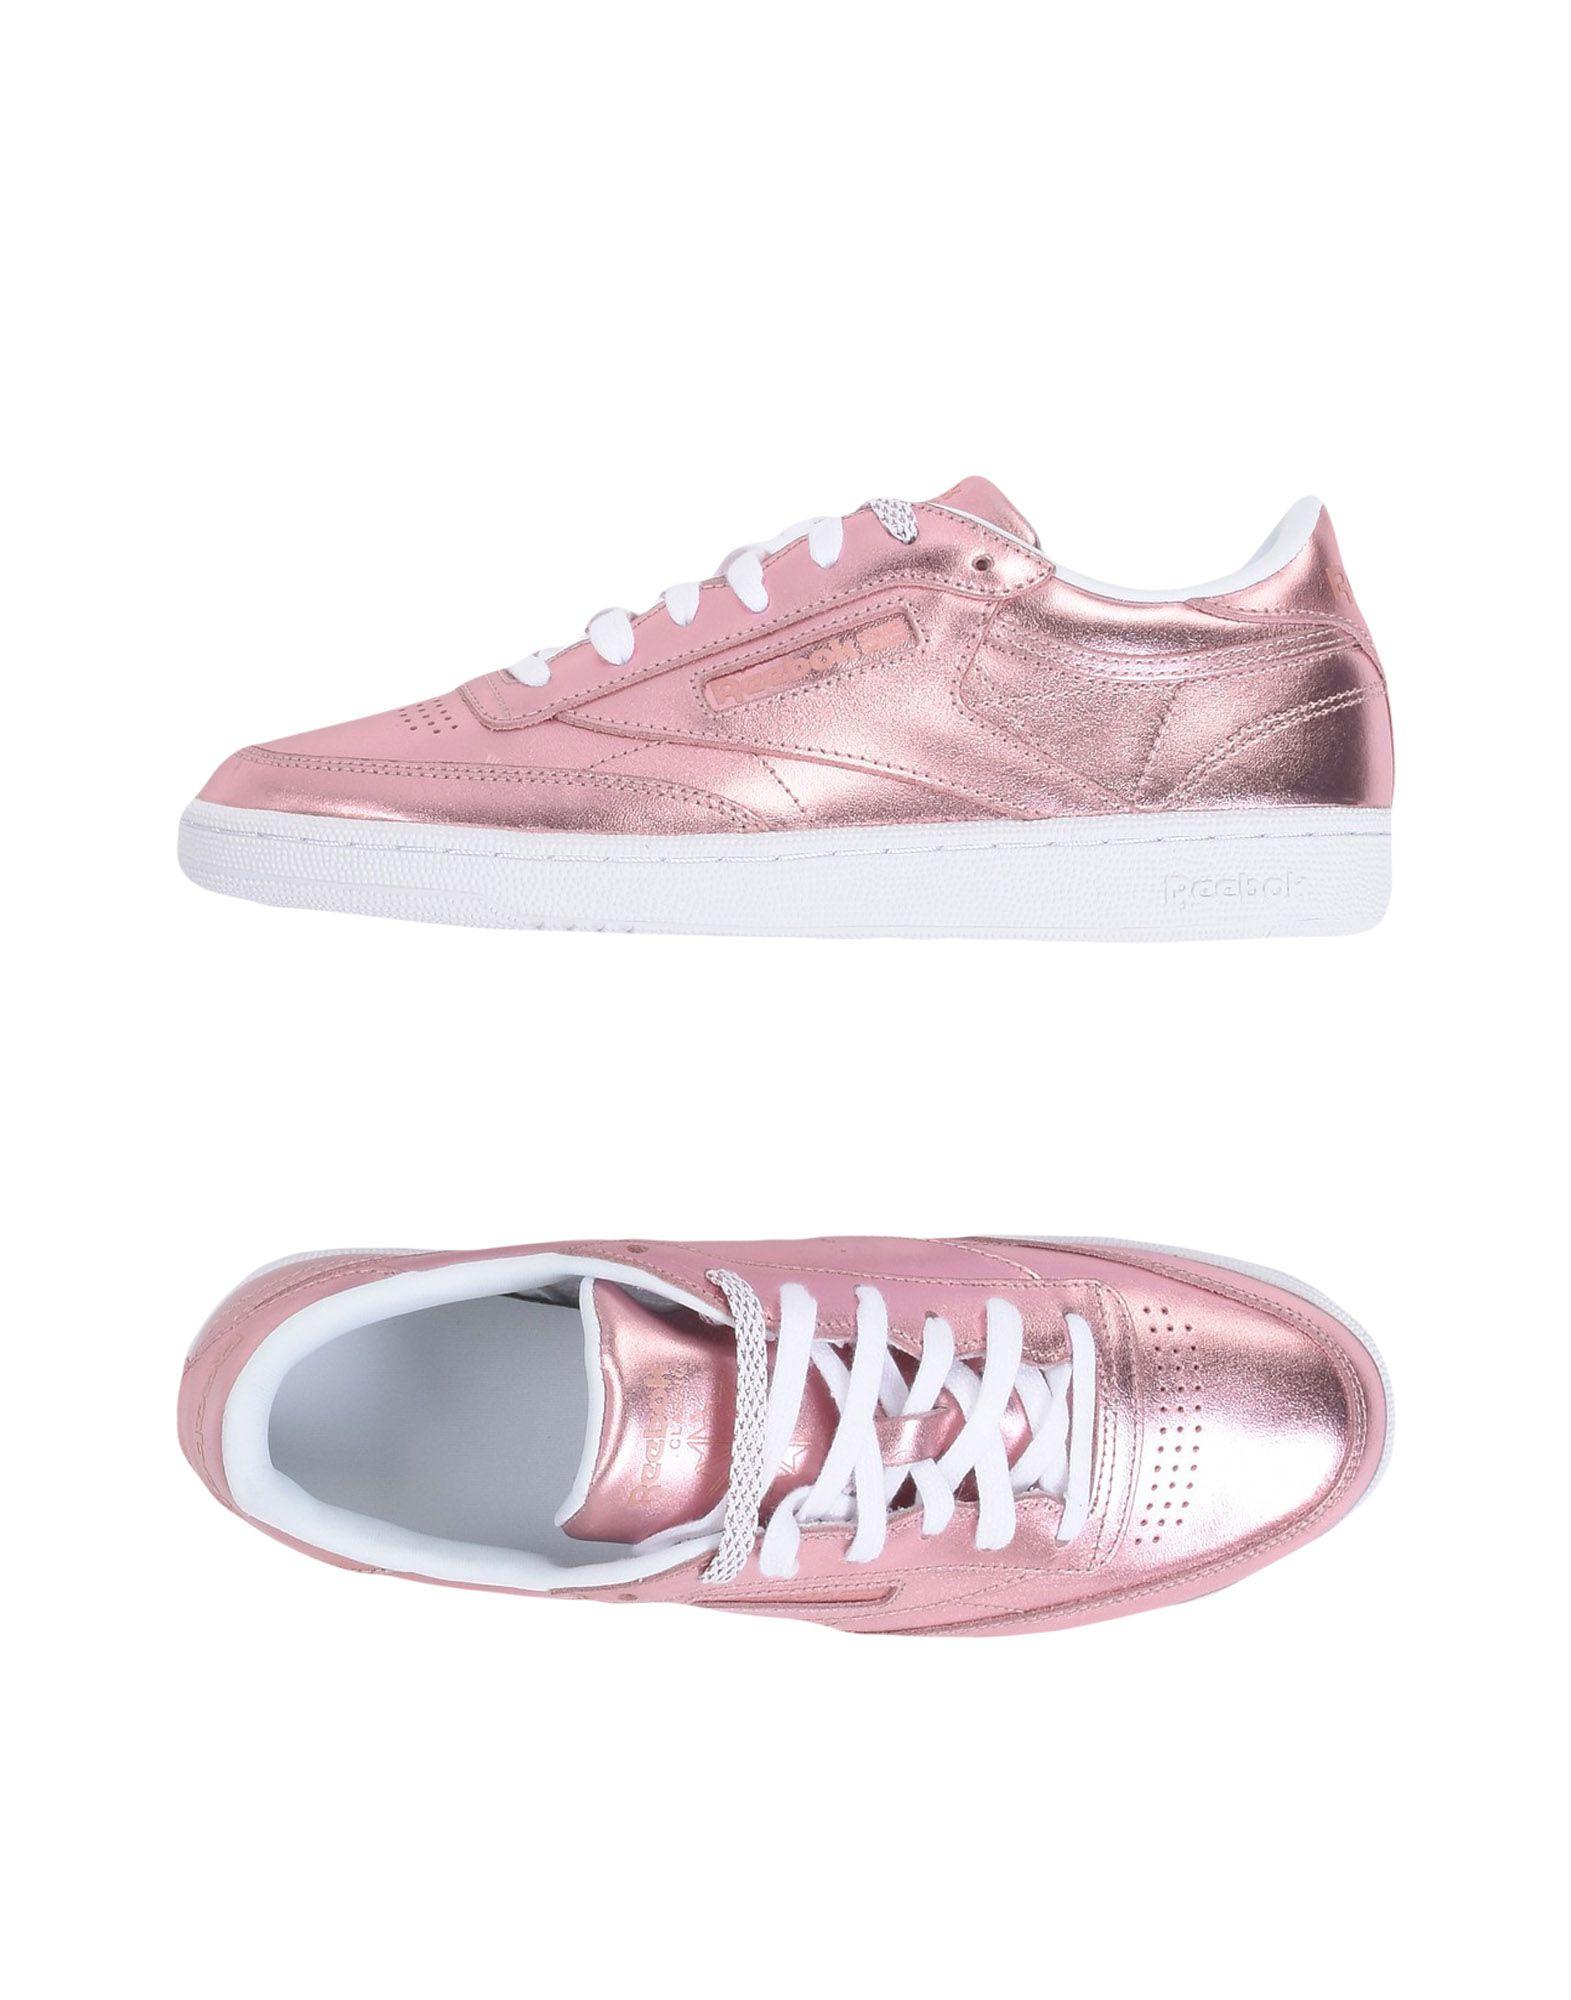 Reebok 11443388DL Club C 85 S Shine  11443388DL Reebok Gute Qualität beliebte Schuhe 09f3b0